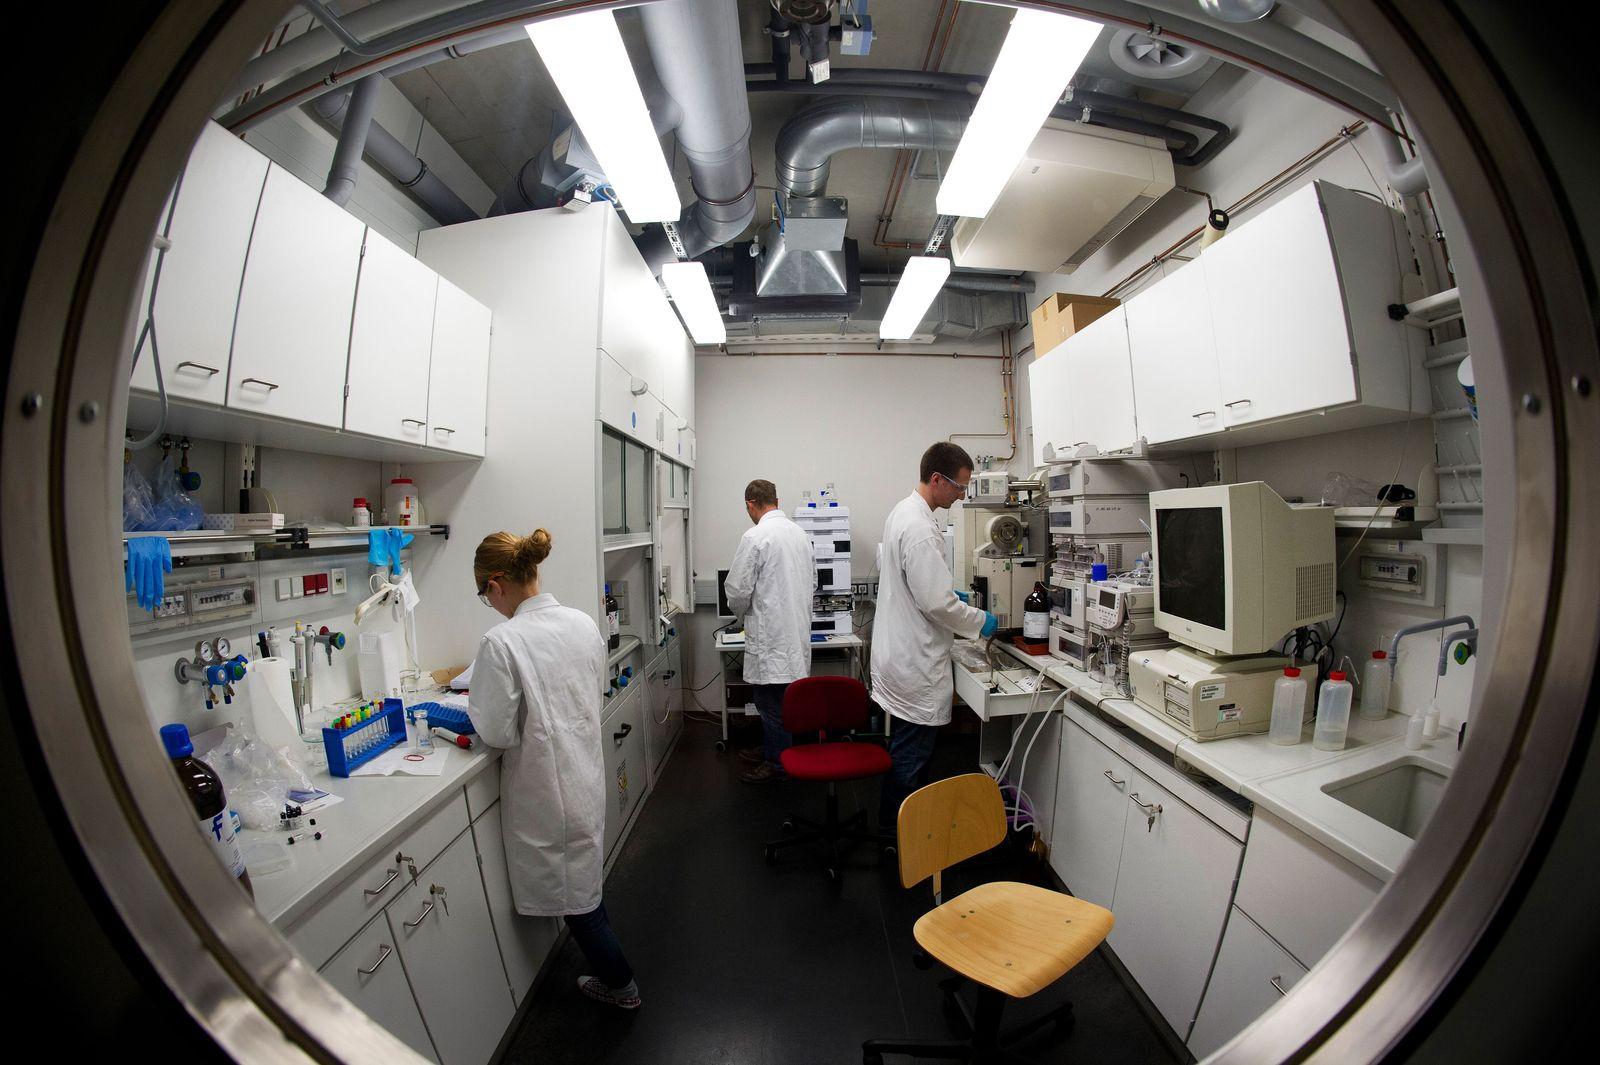 Forschung/ Labor/ Universität